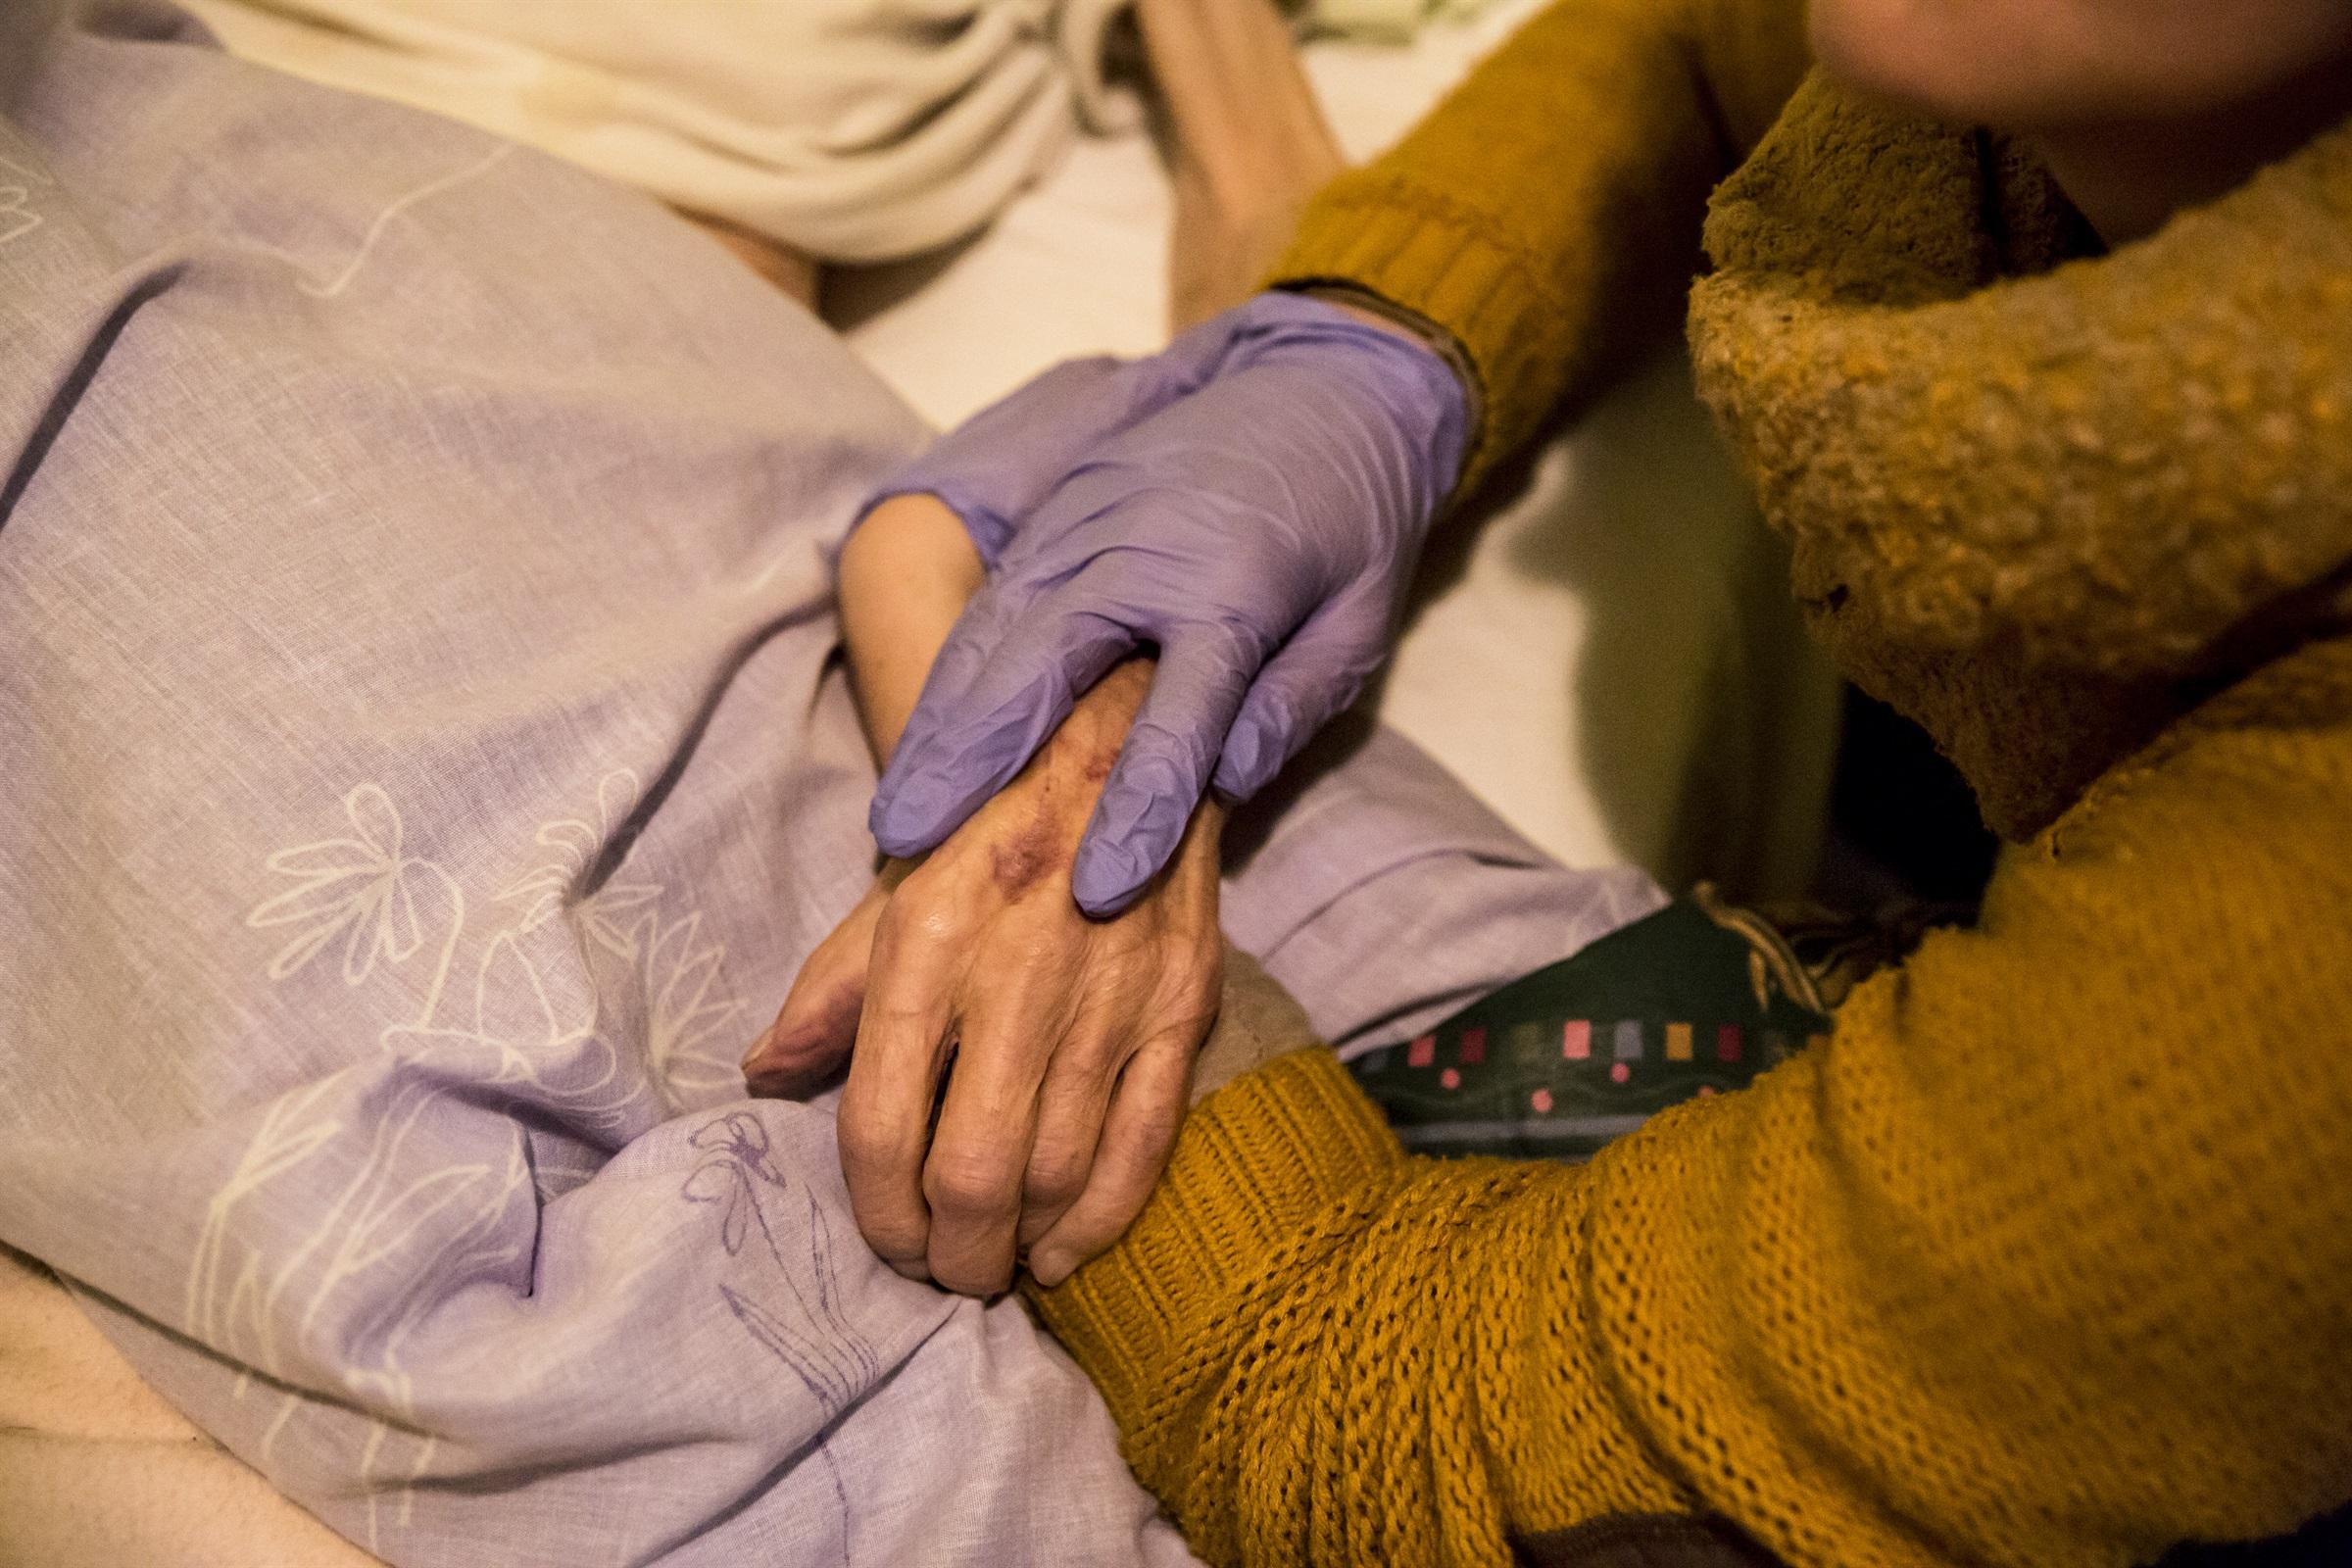 El COIB i DMD Cat organitzen una jornada informativa per presentar les accions de l'associació i la vinculació amb les infermeres